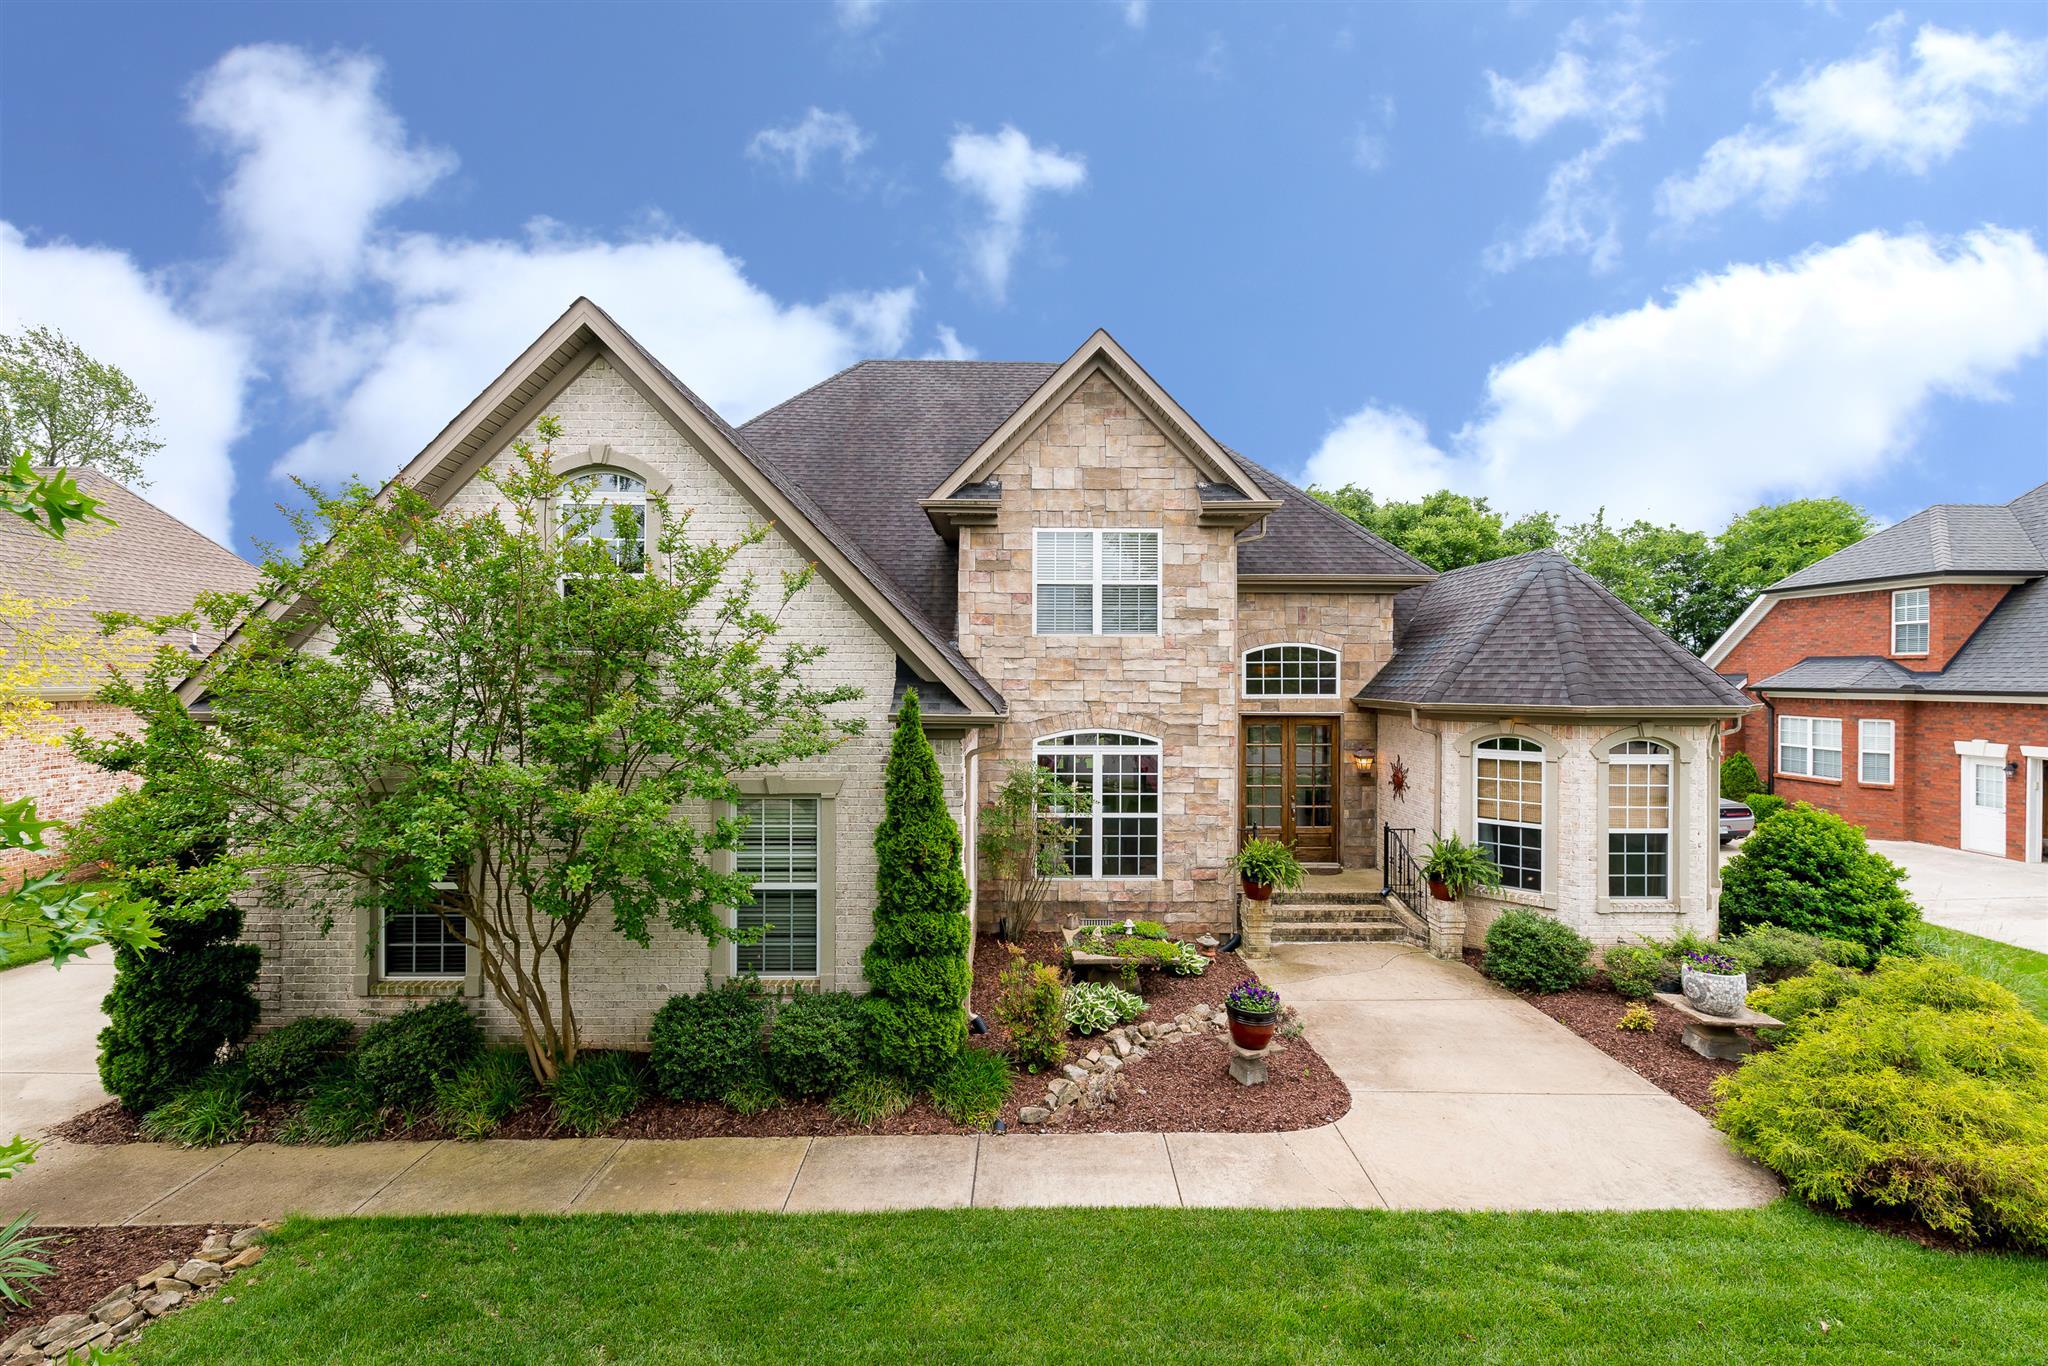 5353 Sherrington Rd, Murfreesboro, TN 37128